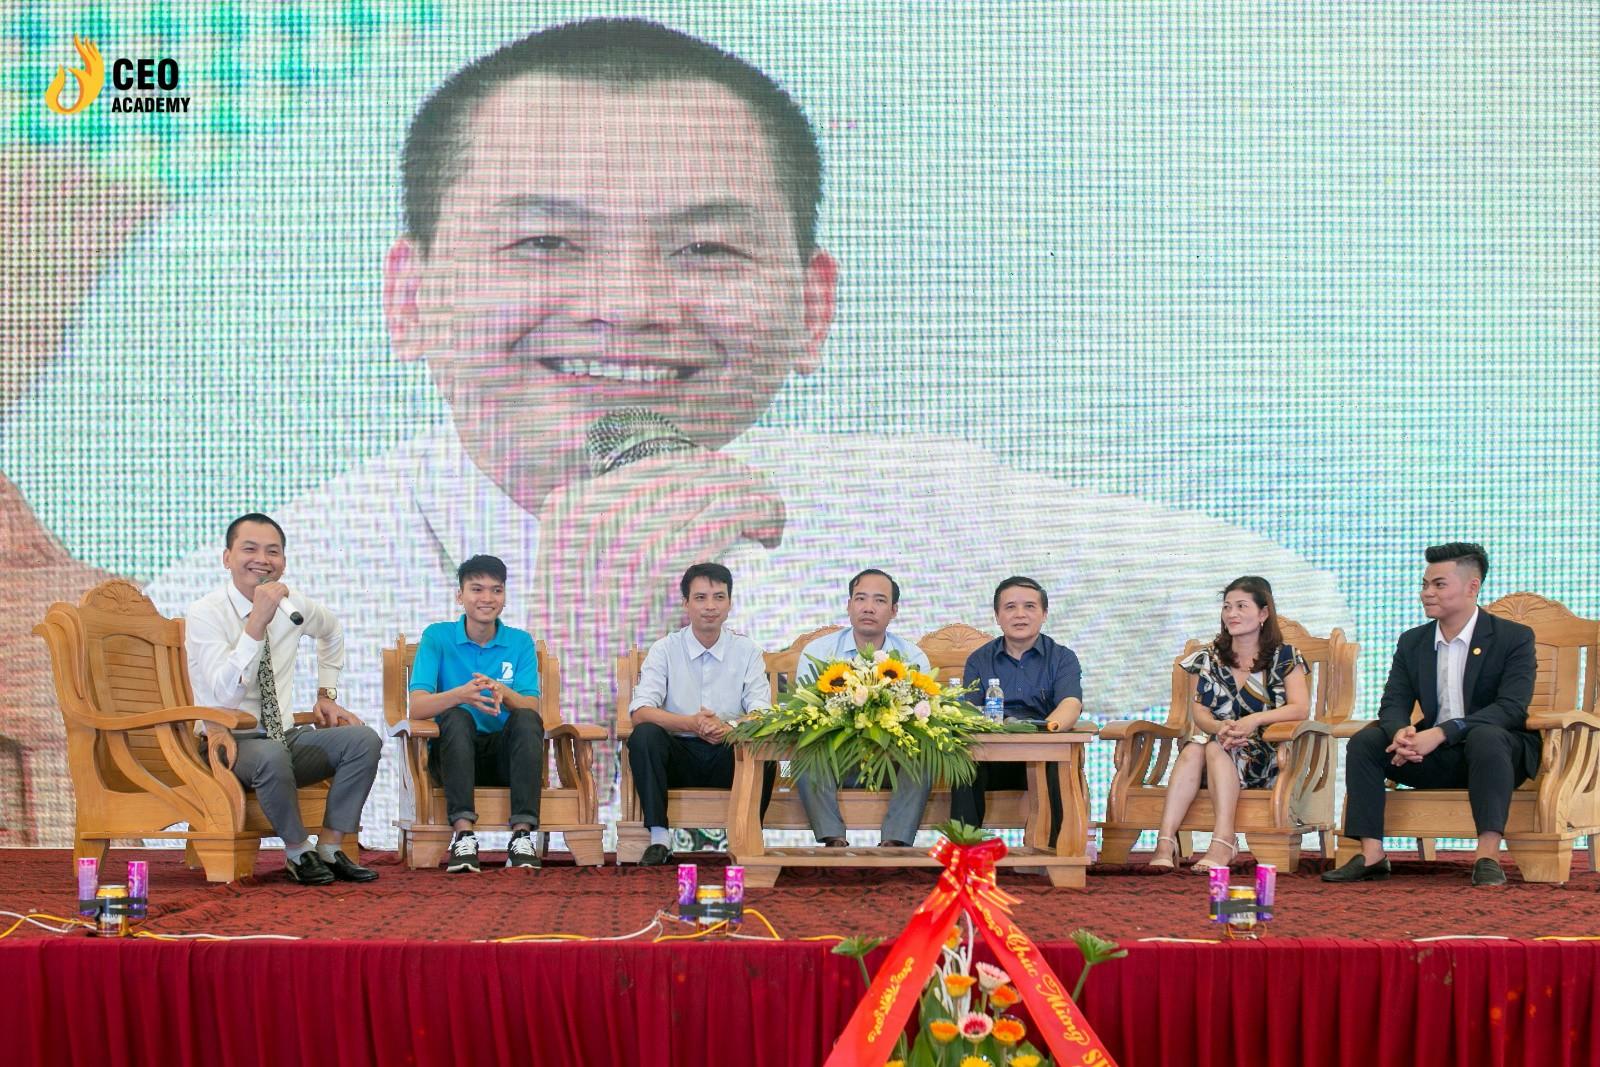 Giới trẻ thích thú mô hình đào tạo ngành Quản trị Kinh doanh mới - Ảnh 1.